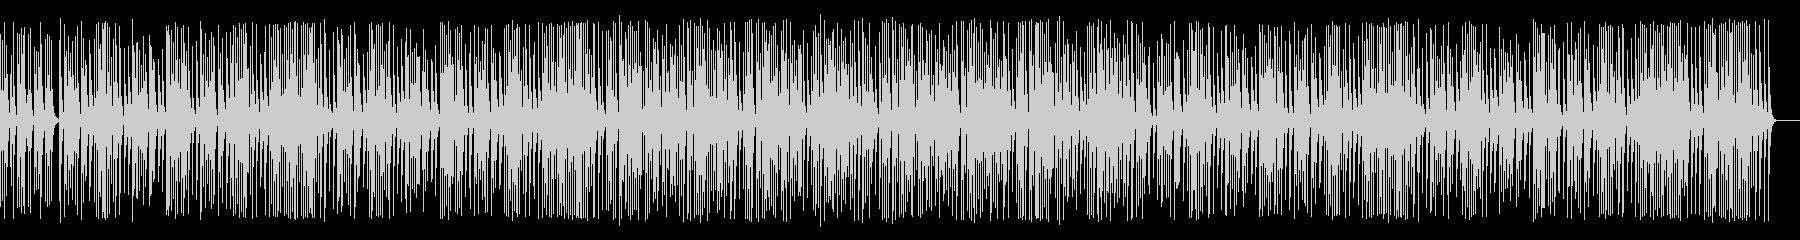 木琴がコロコロ可愛い名曲エンターテイナーの未再生の波形